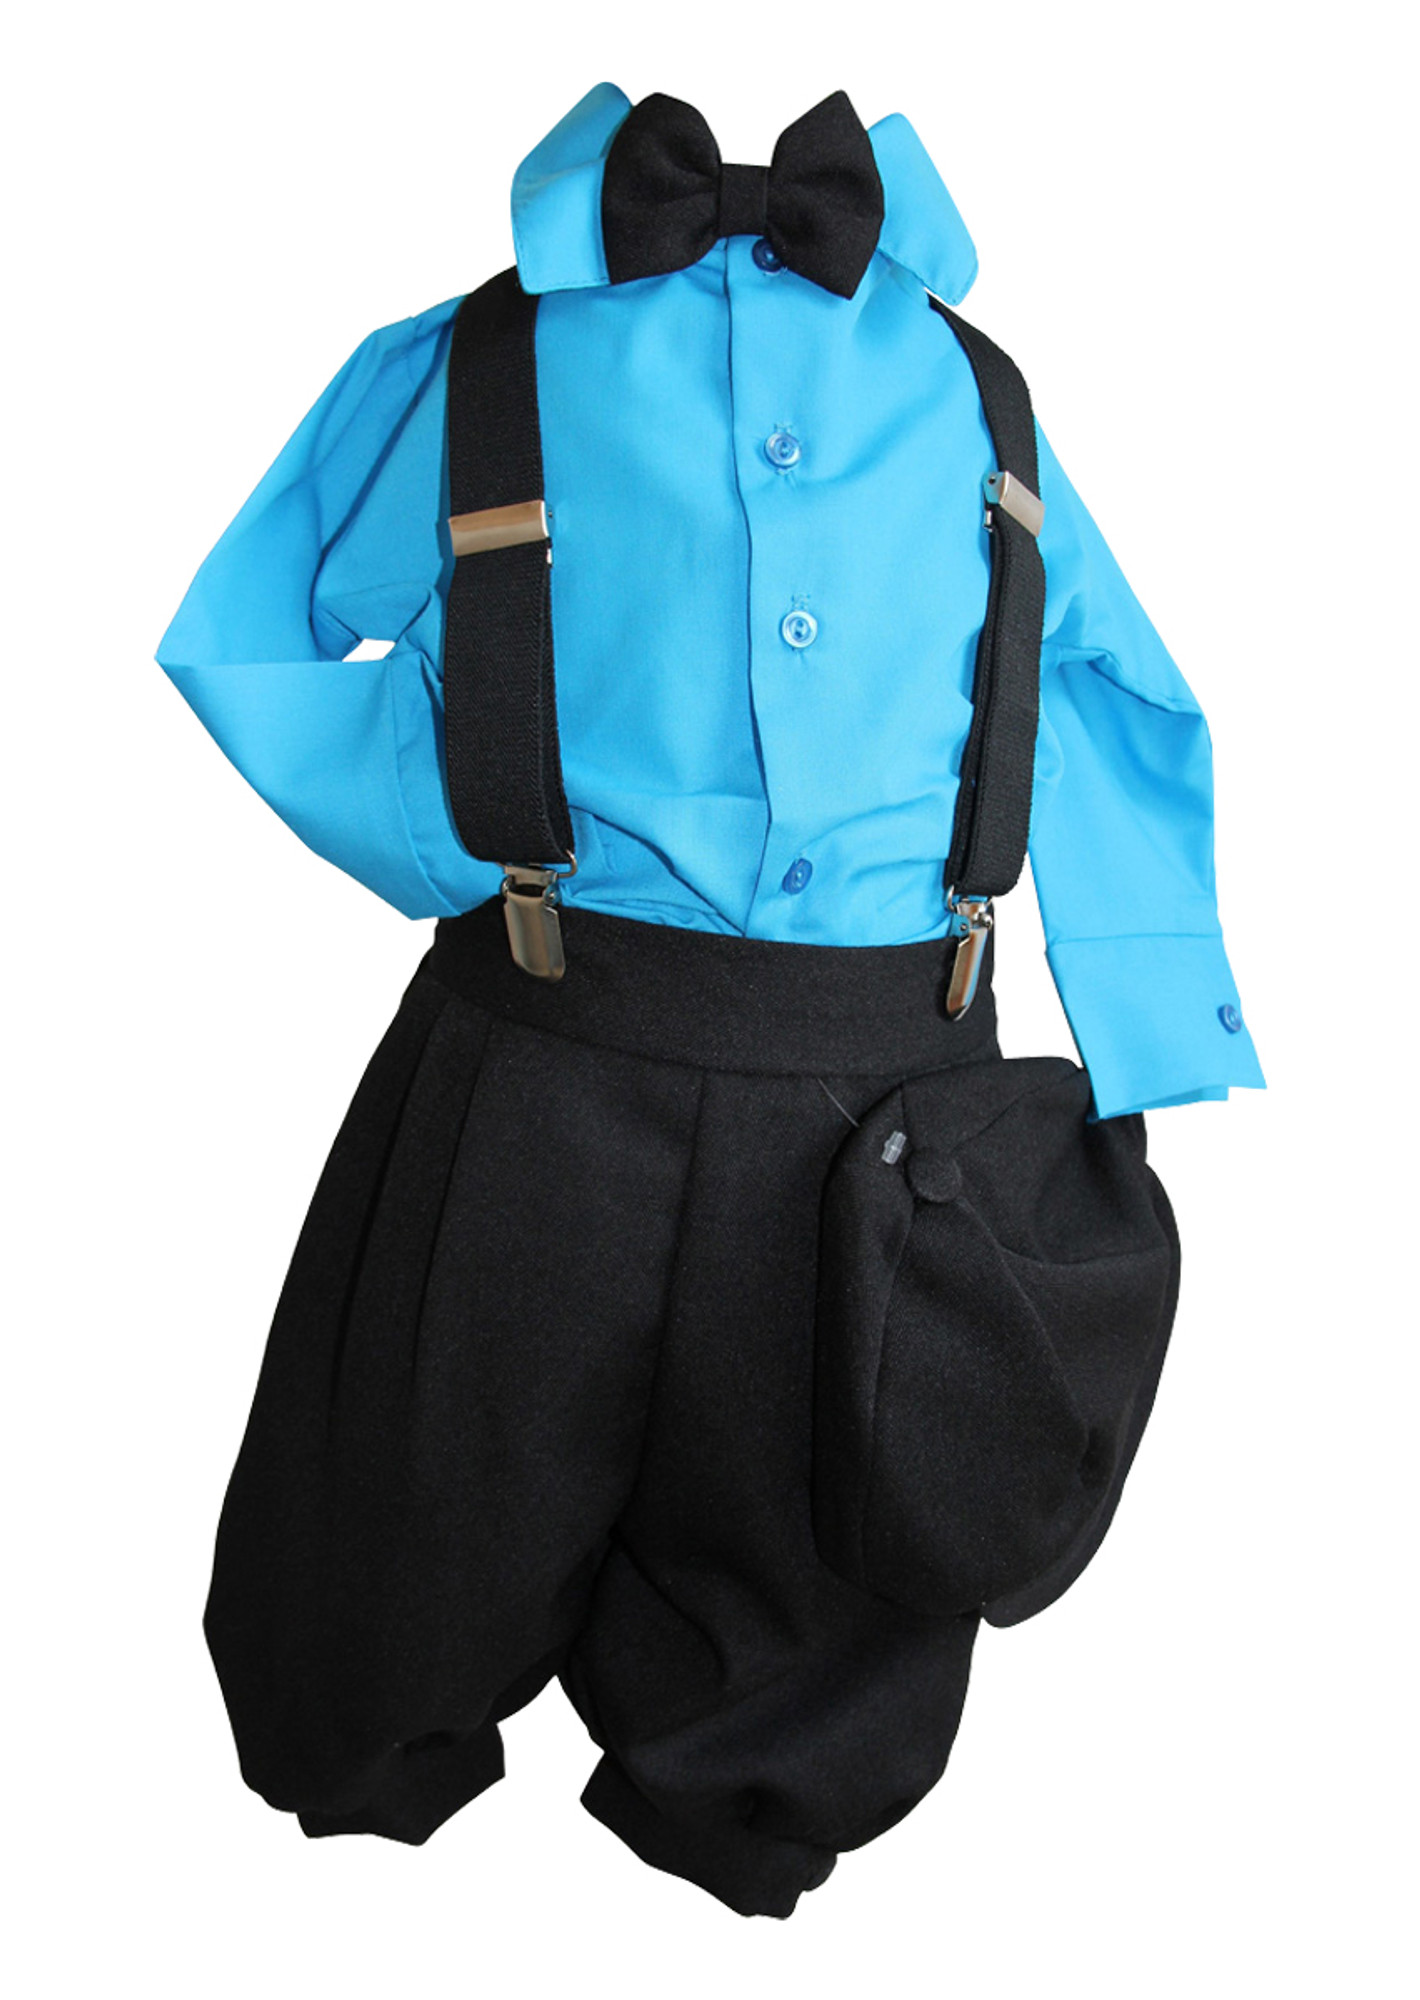 BIMARO Baby Jungen Babyanzug Louis Taufanzug schwarz Hemd türkis blau Fliege Cap Anzug Taufe Hochzeit Weihnachten Set